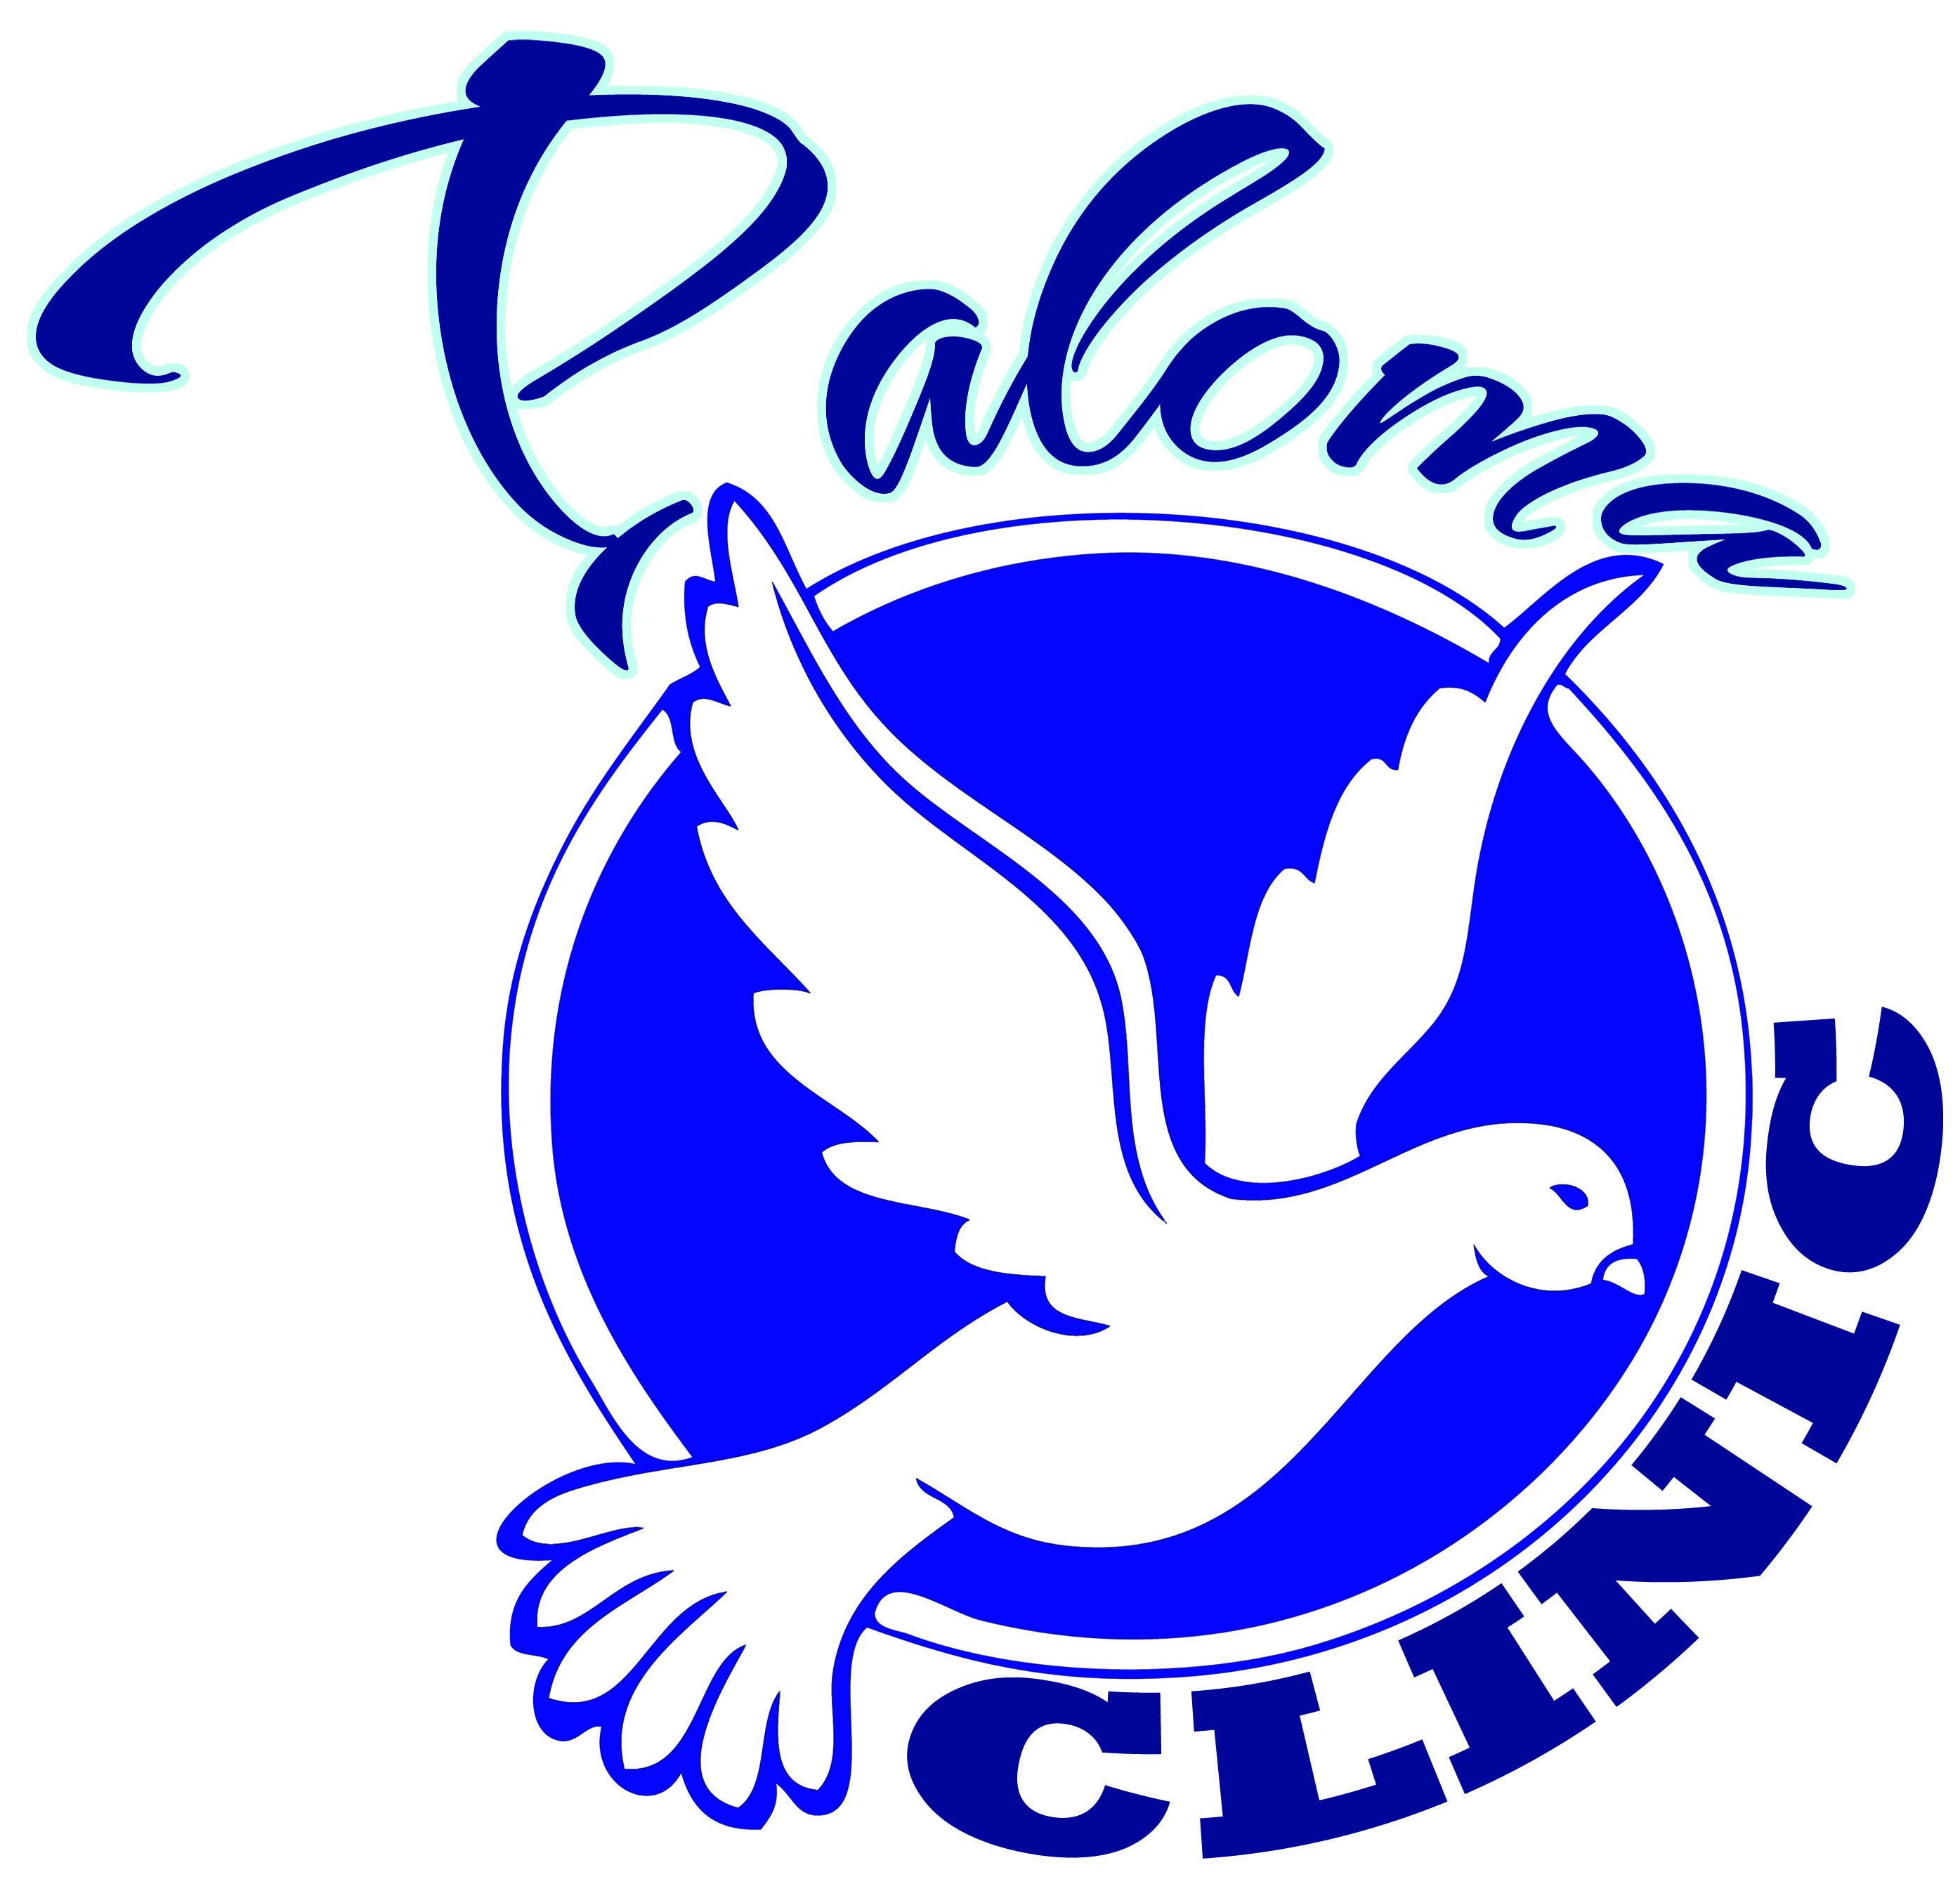 Paloma Women's Clinic Logo